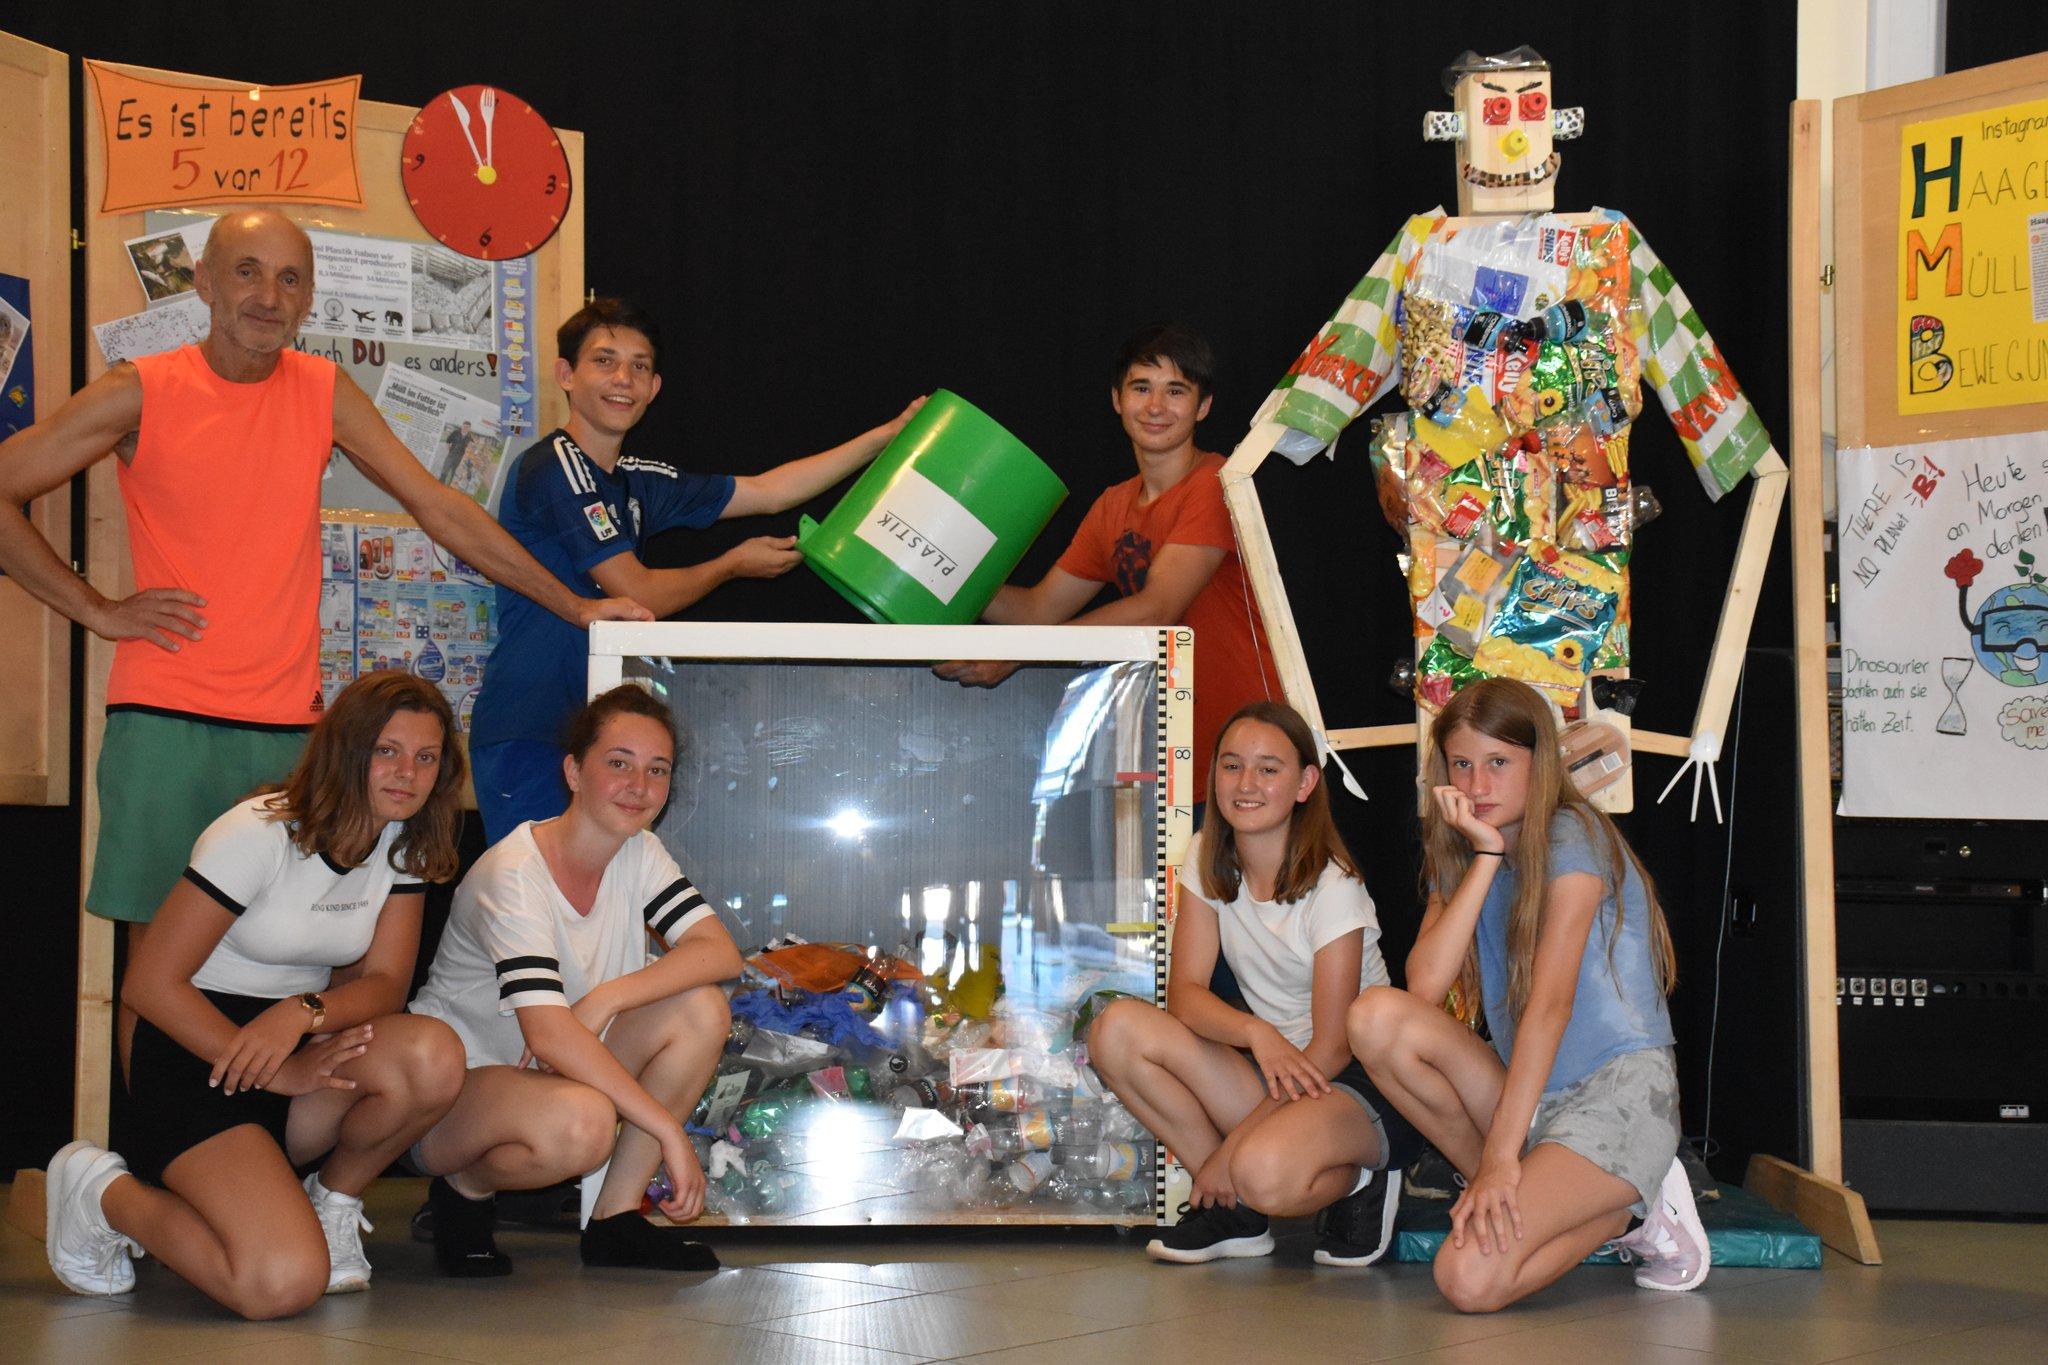 Swing Gruppen Treffen Haag Singlepartys